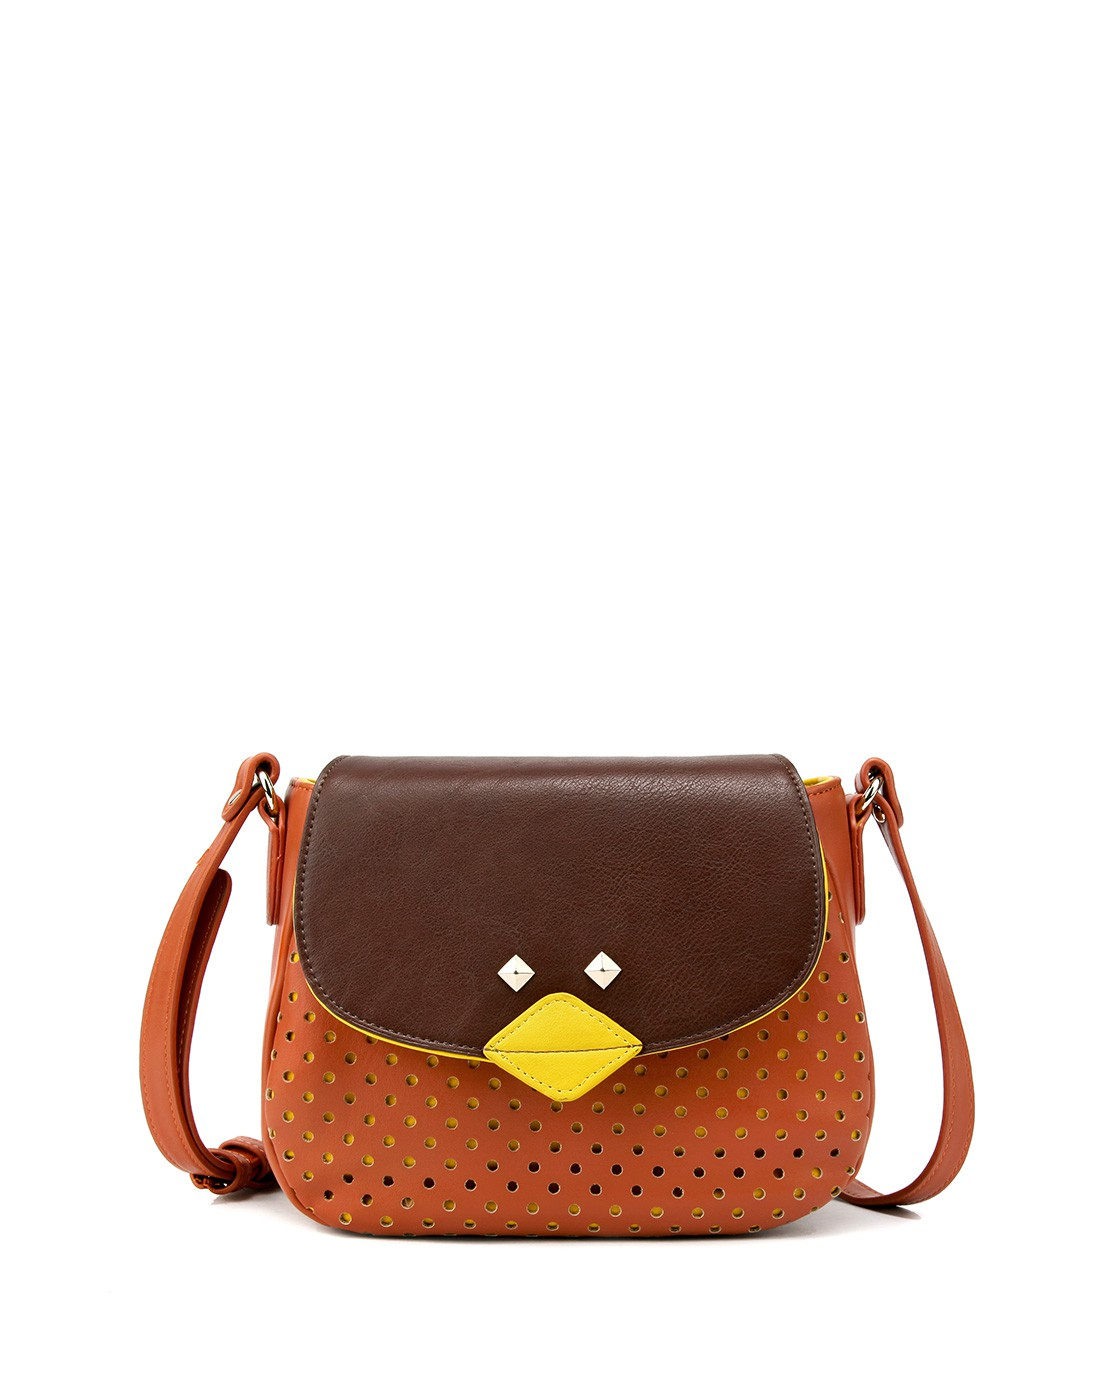 翠鸟橘撞色女包小鸟包包潮流时尚可爱甜美斜挎包